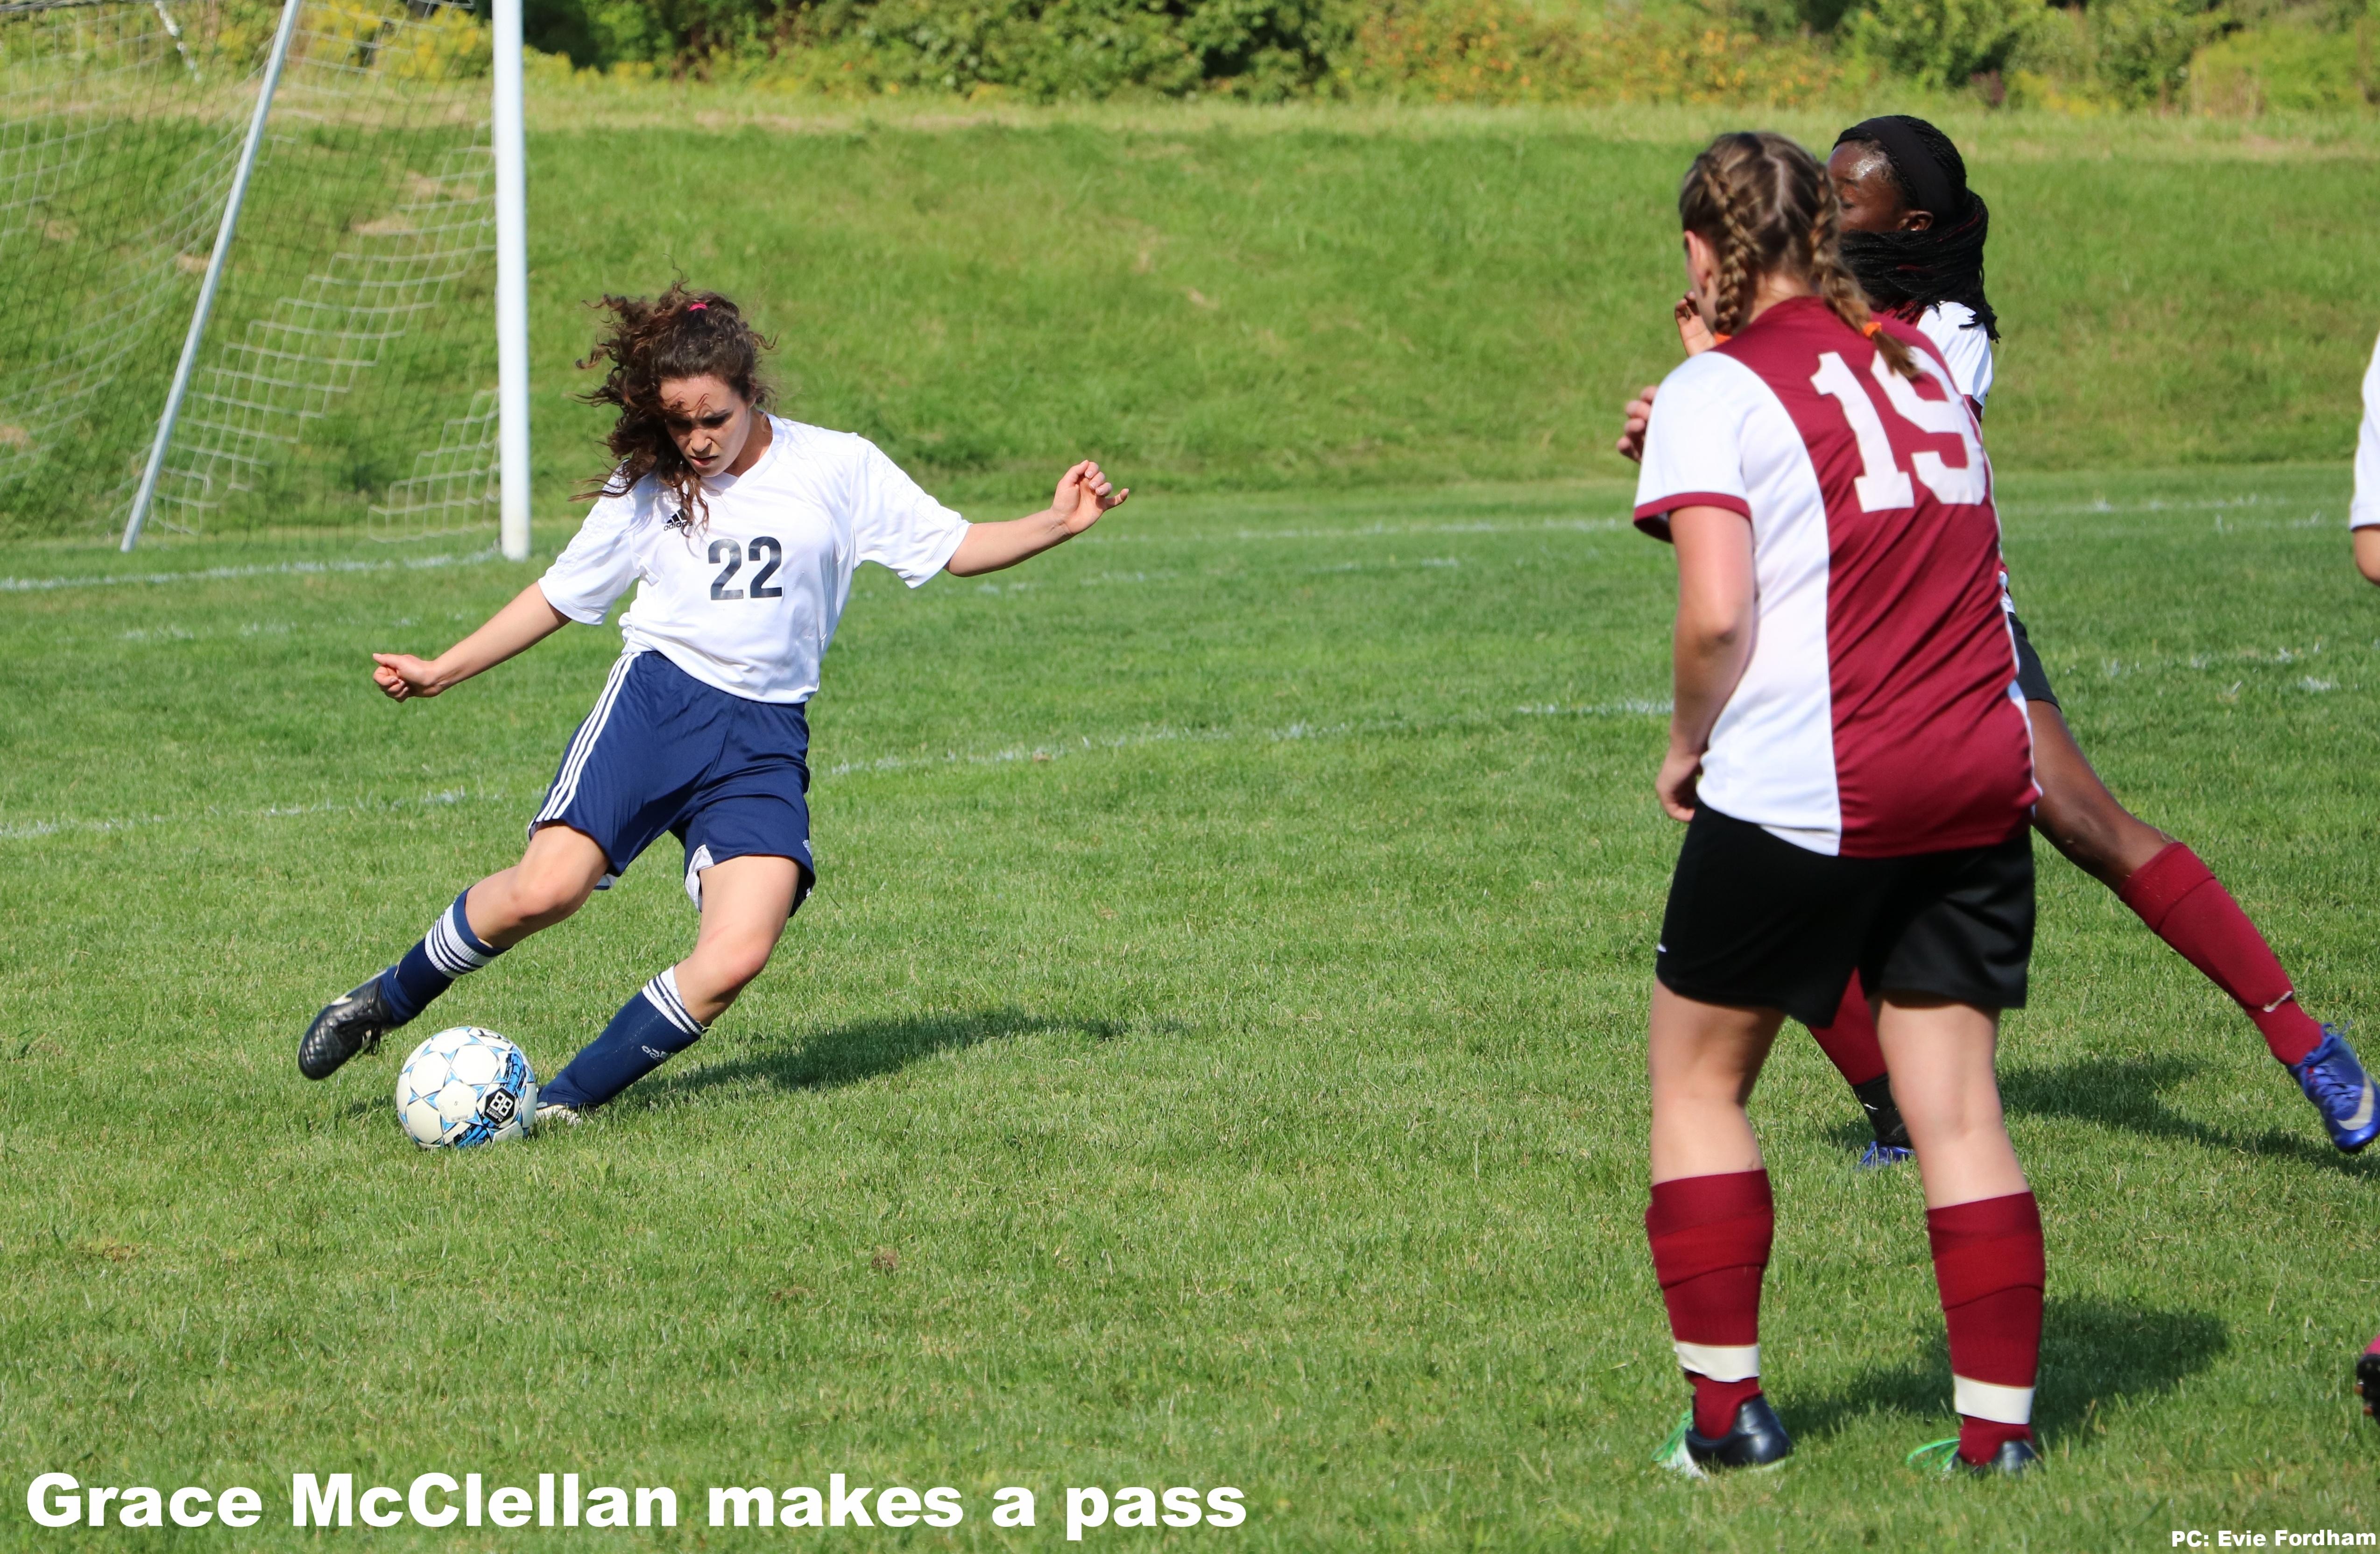 Grace McClellan makes a pass